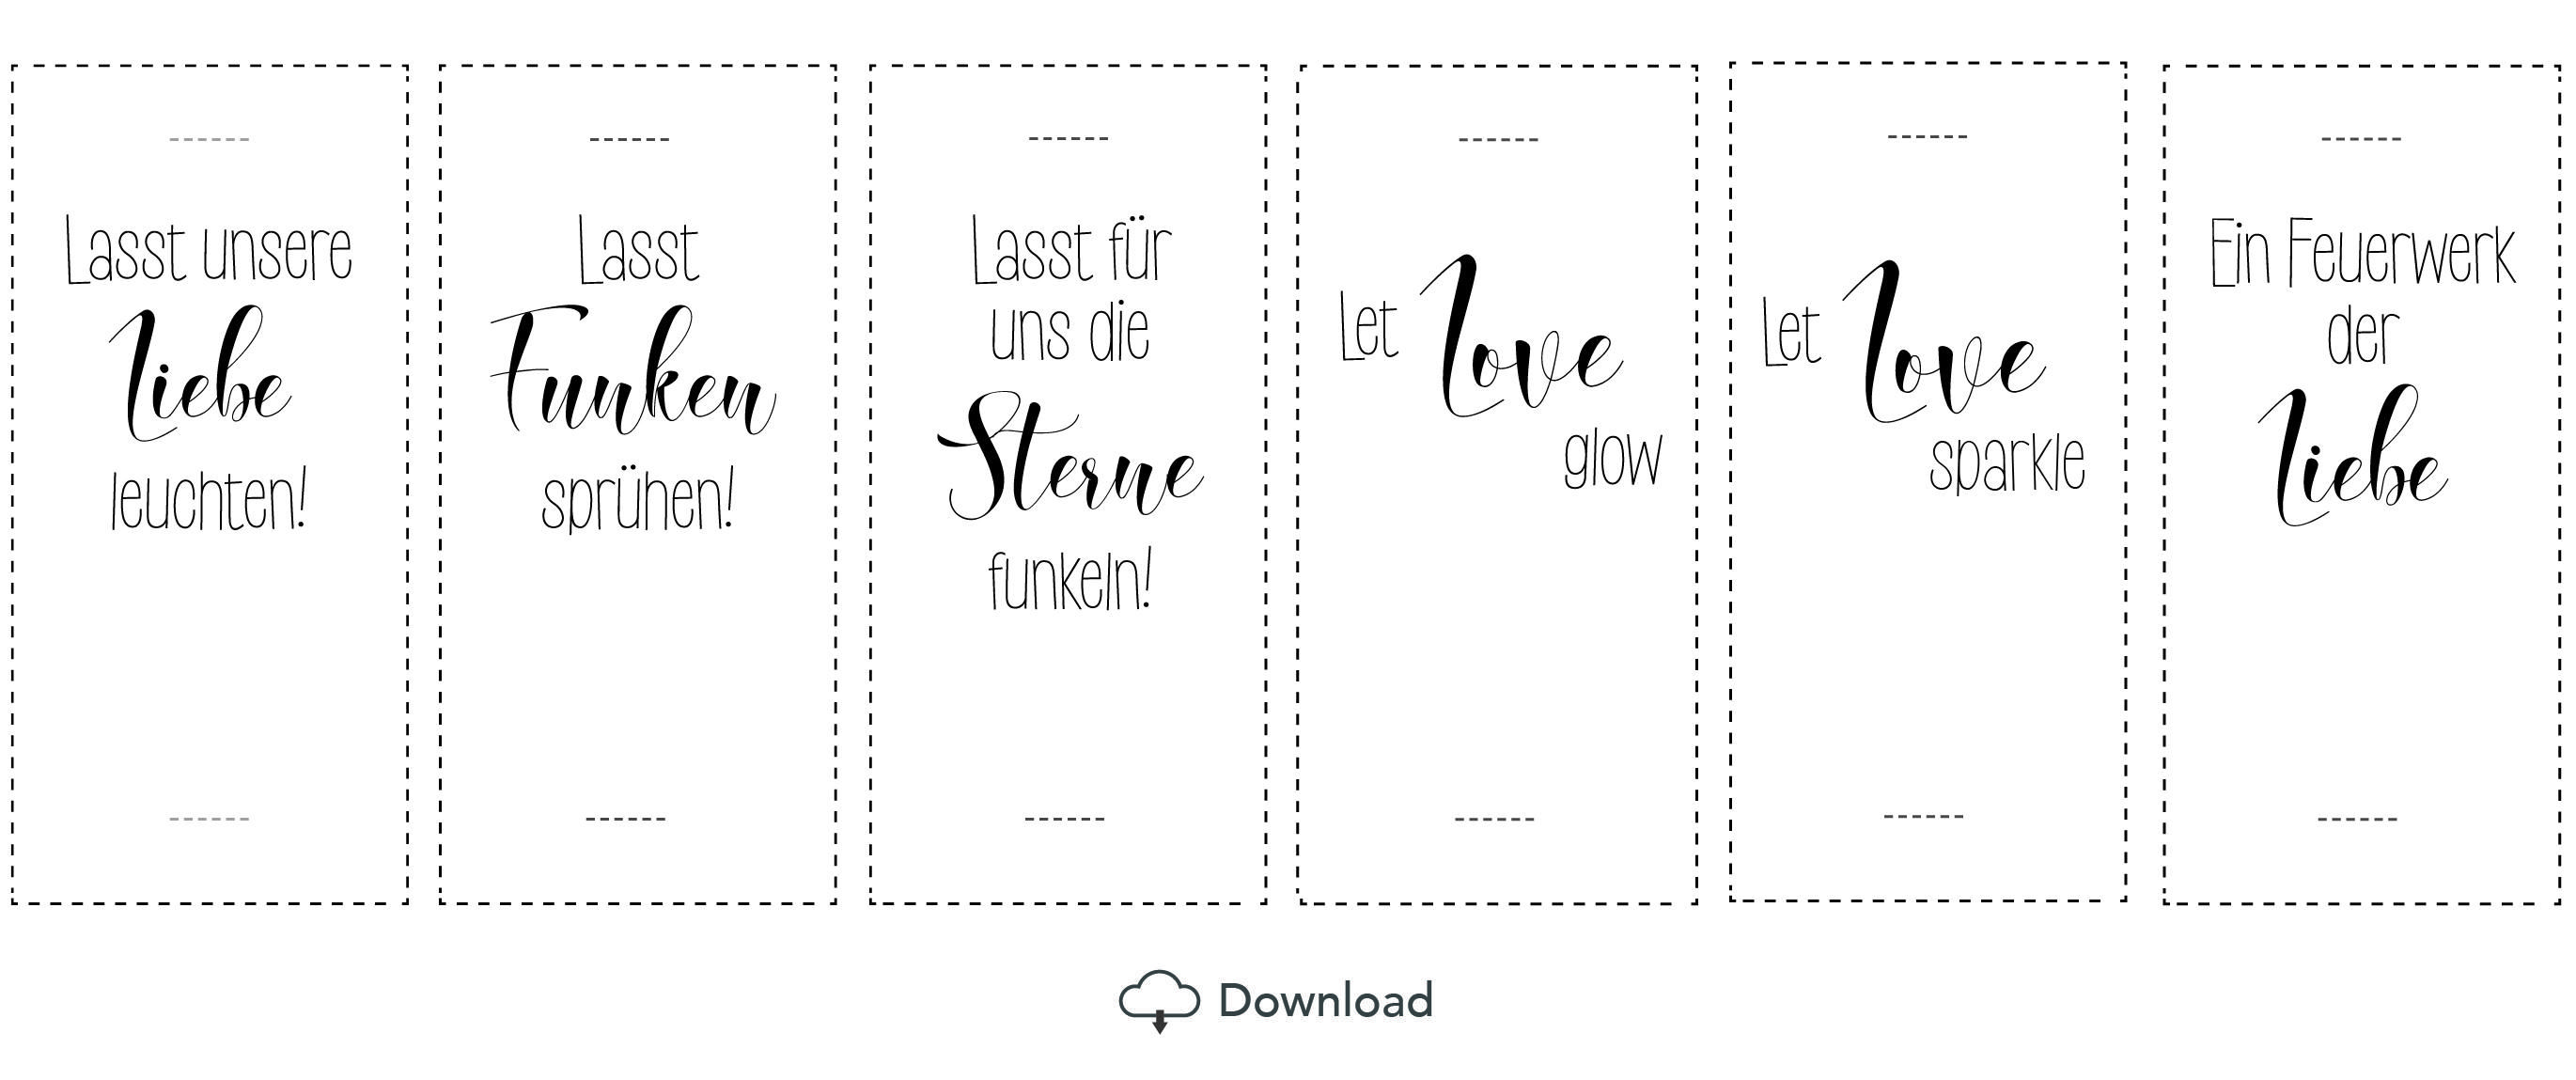 Freebies Kostenlose Vorlagen Und Downloads Fur Euch Wunderkerzen Hochzeit Hochzeit Freebies Hochzeitscheckliste